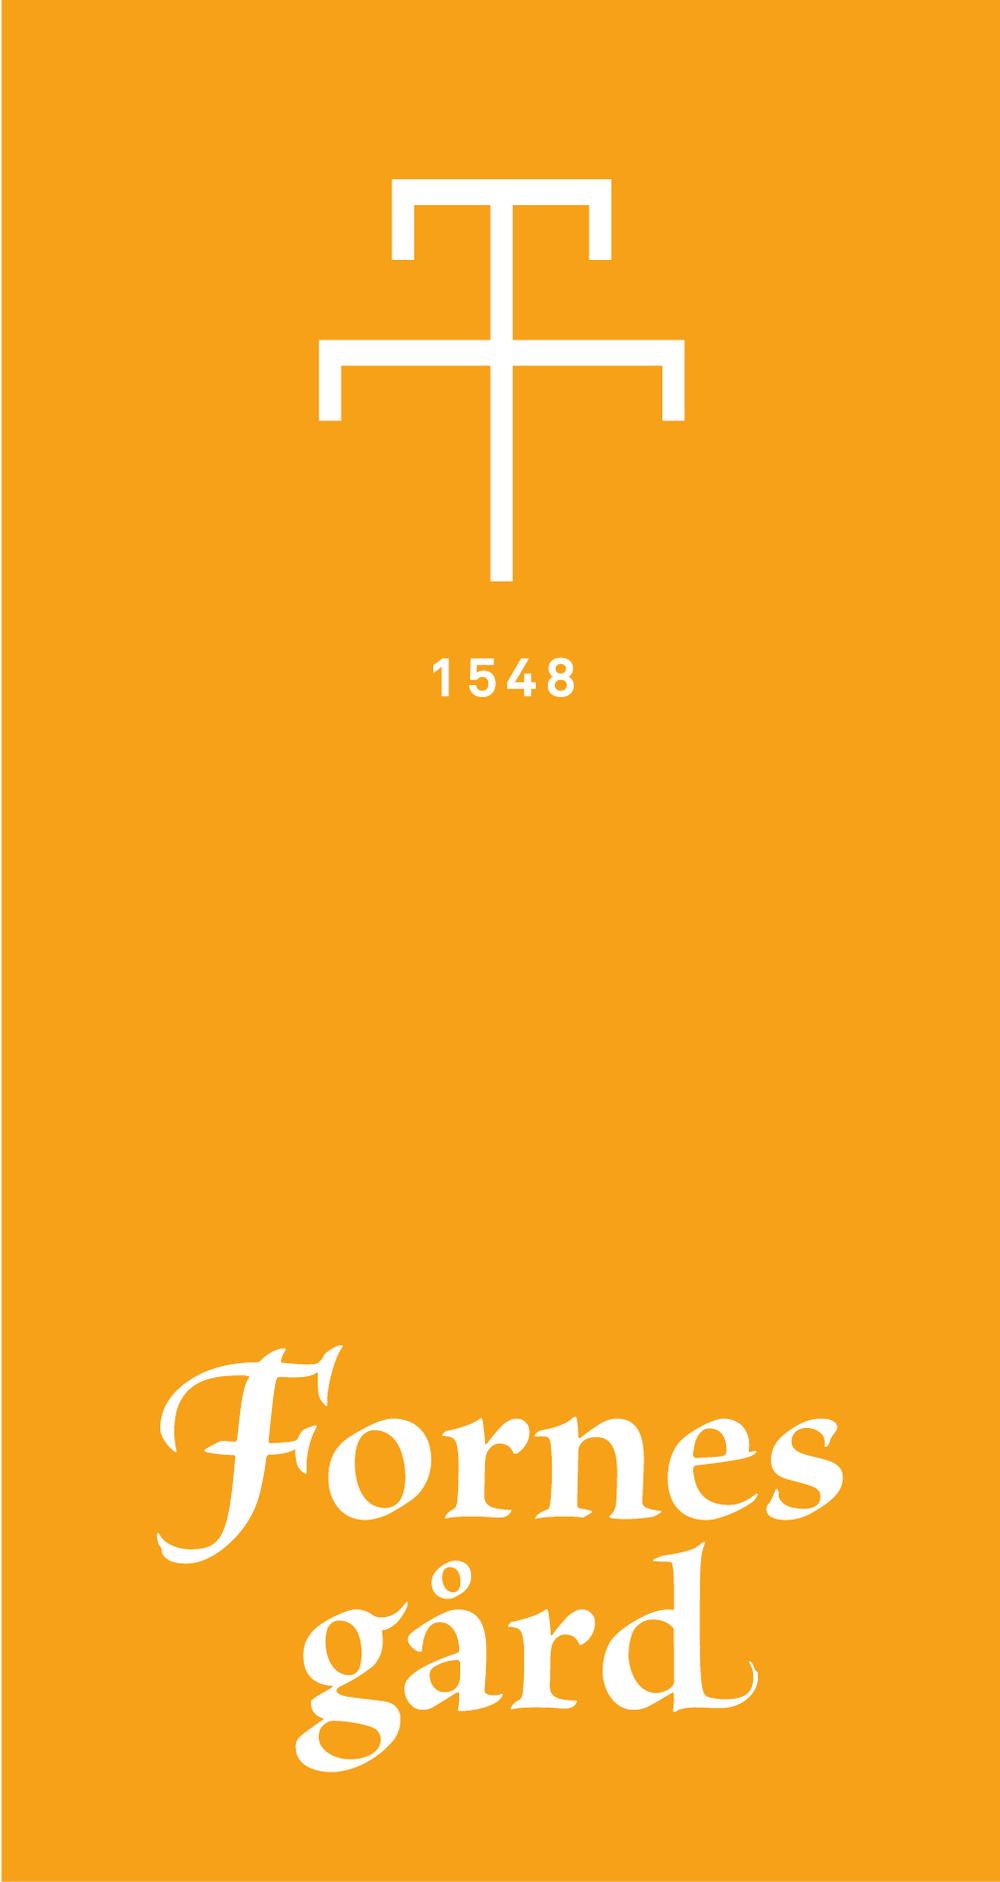 fornes gård logoer høy-06.png